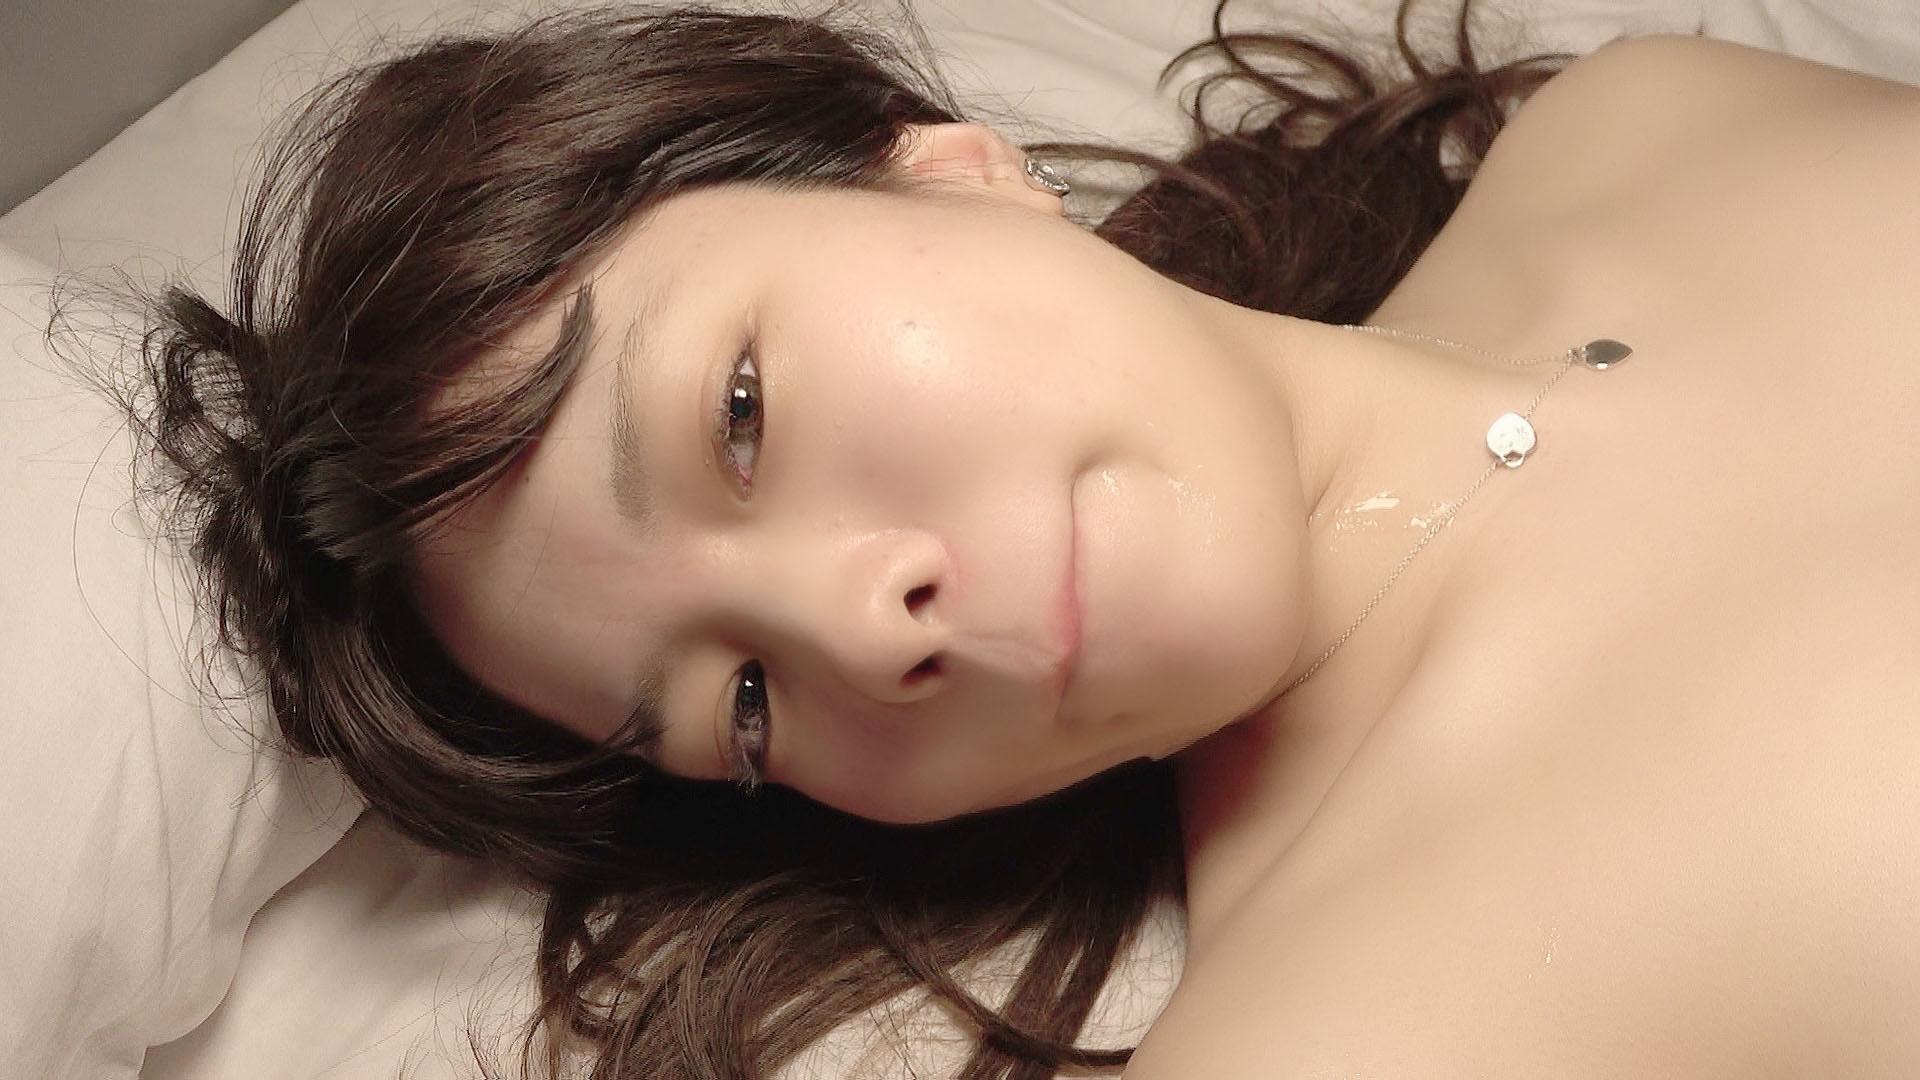 パコ撮りNo.06 バイト掛け持ち美乳な女子大生 初めての円光で見ず知らずの男に中出しは拒否するも顔射された! 画像10